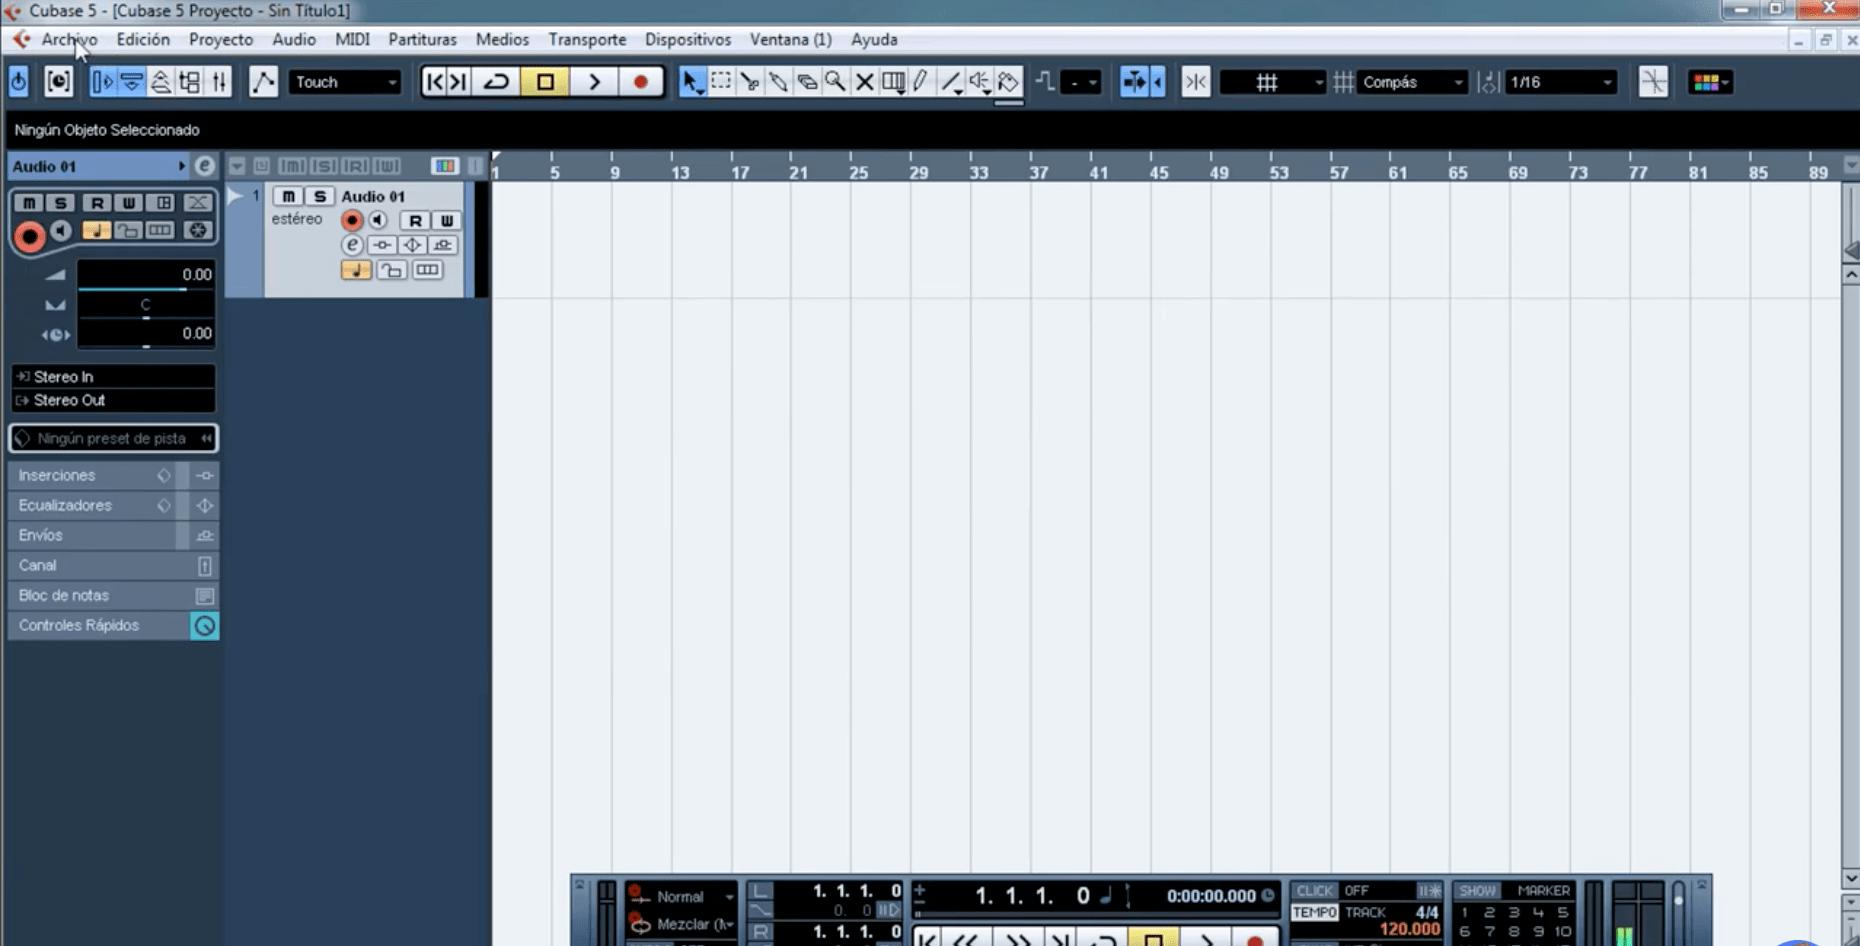 Captura de pantalla de Cubase 5